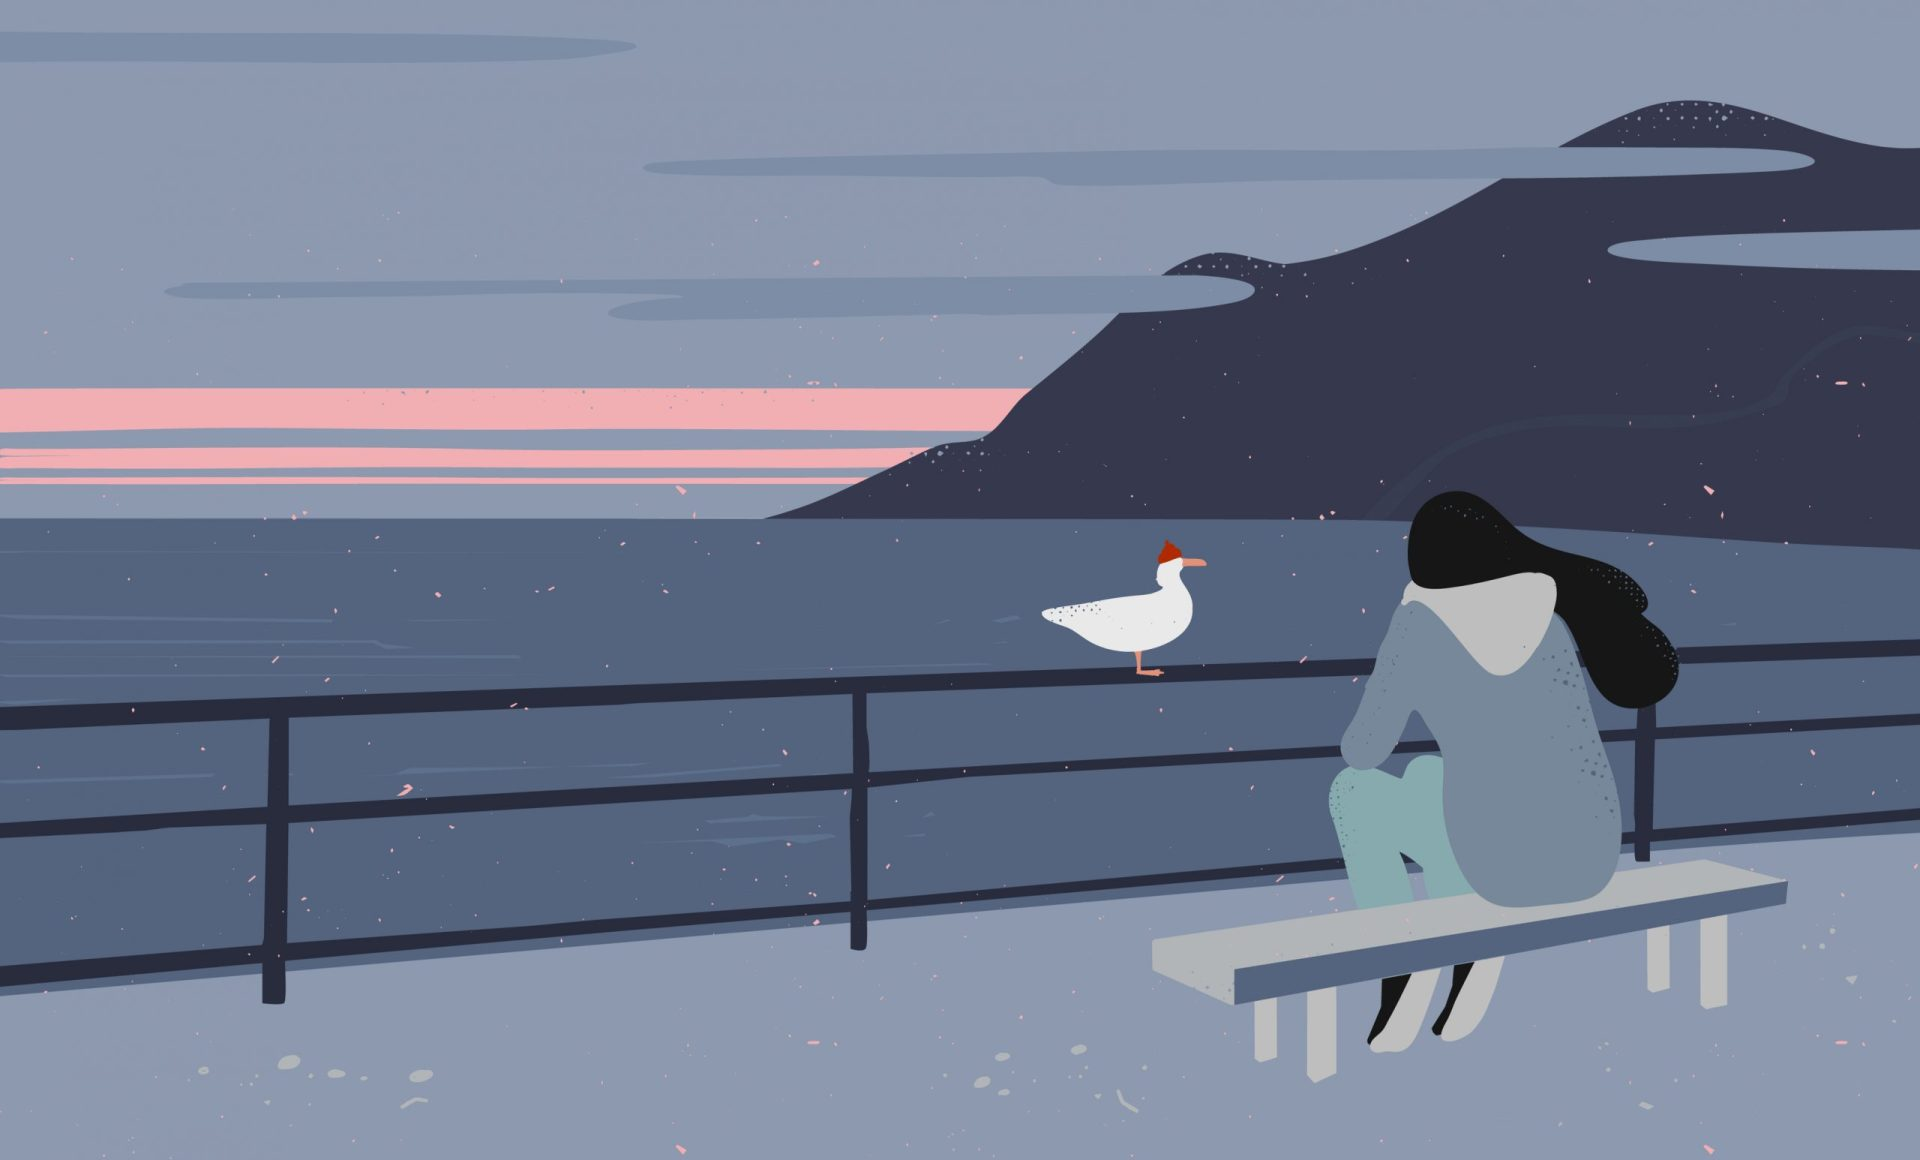 Singurătatea - ce ne ajută și ce ne copleșește